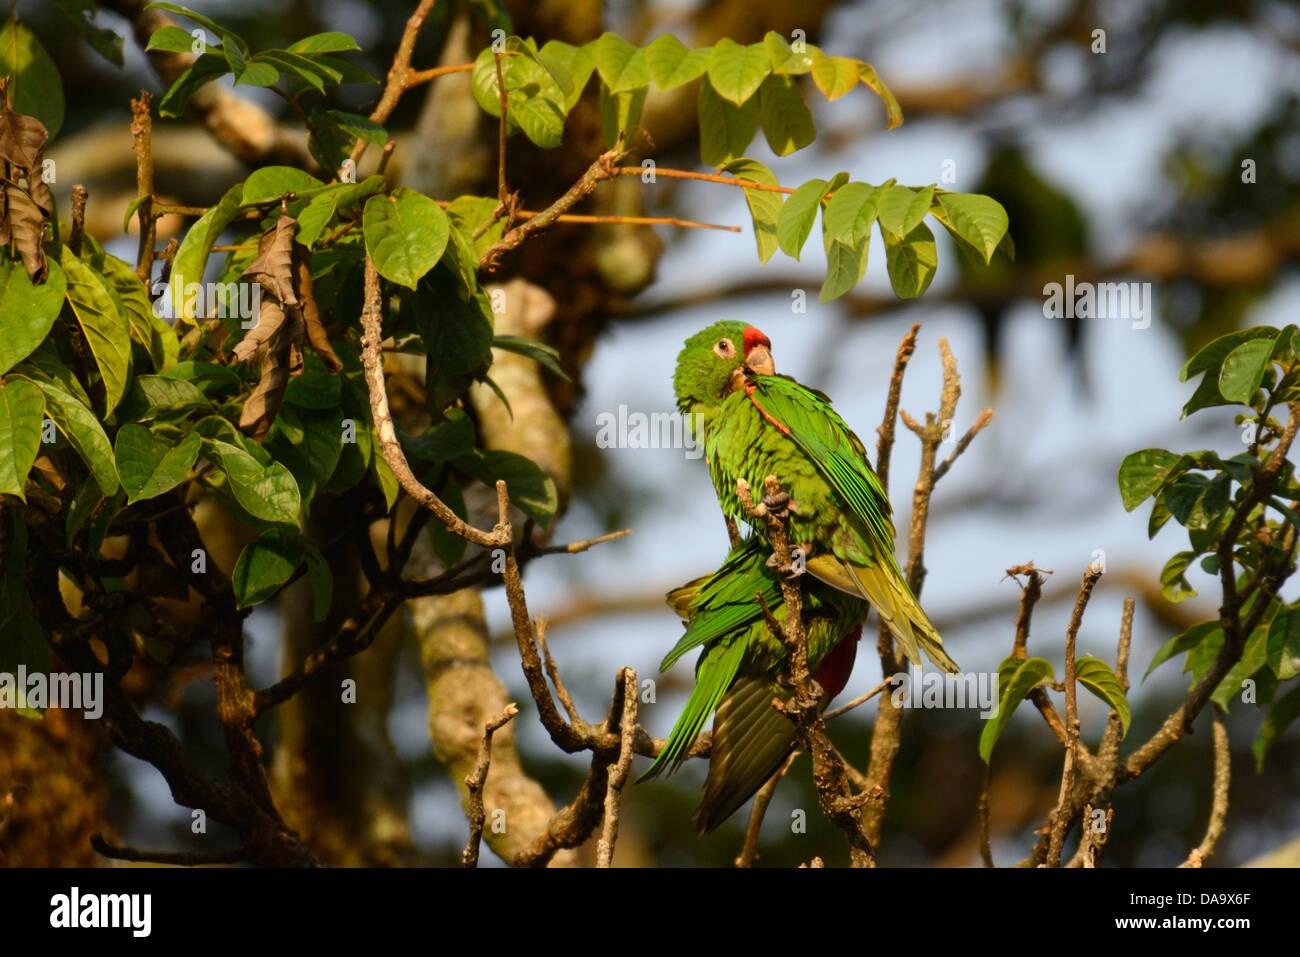 America centrale, Costa Rica, San Jose, Parrot, verde, bird, San Jose, Immagini Stock